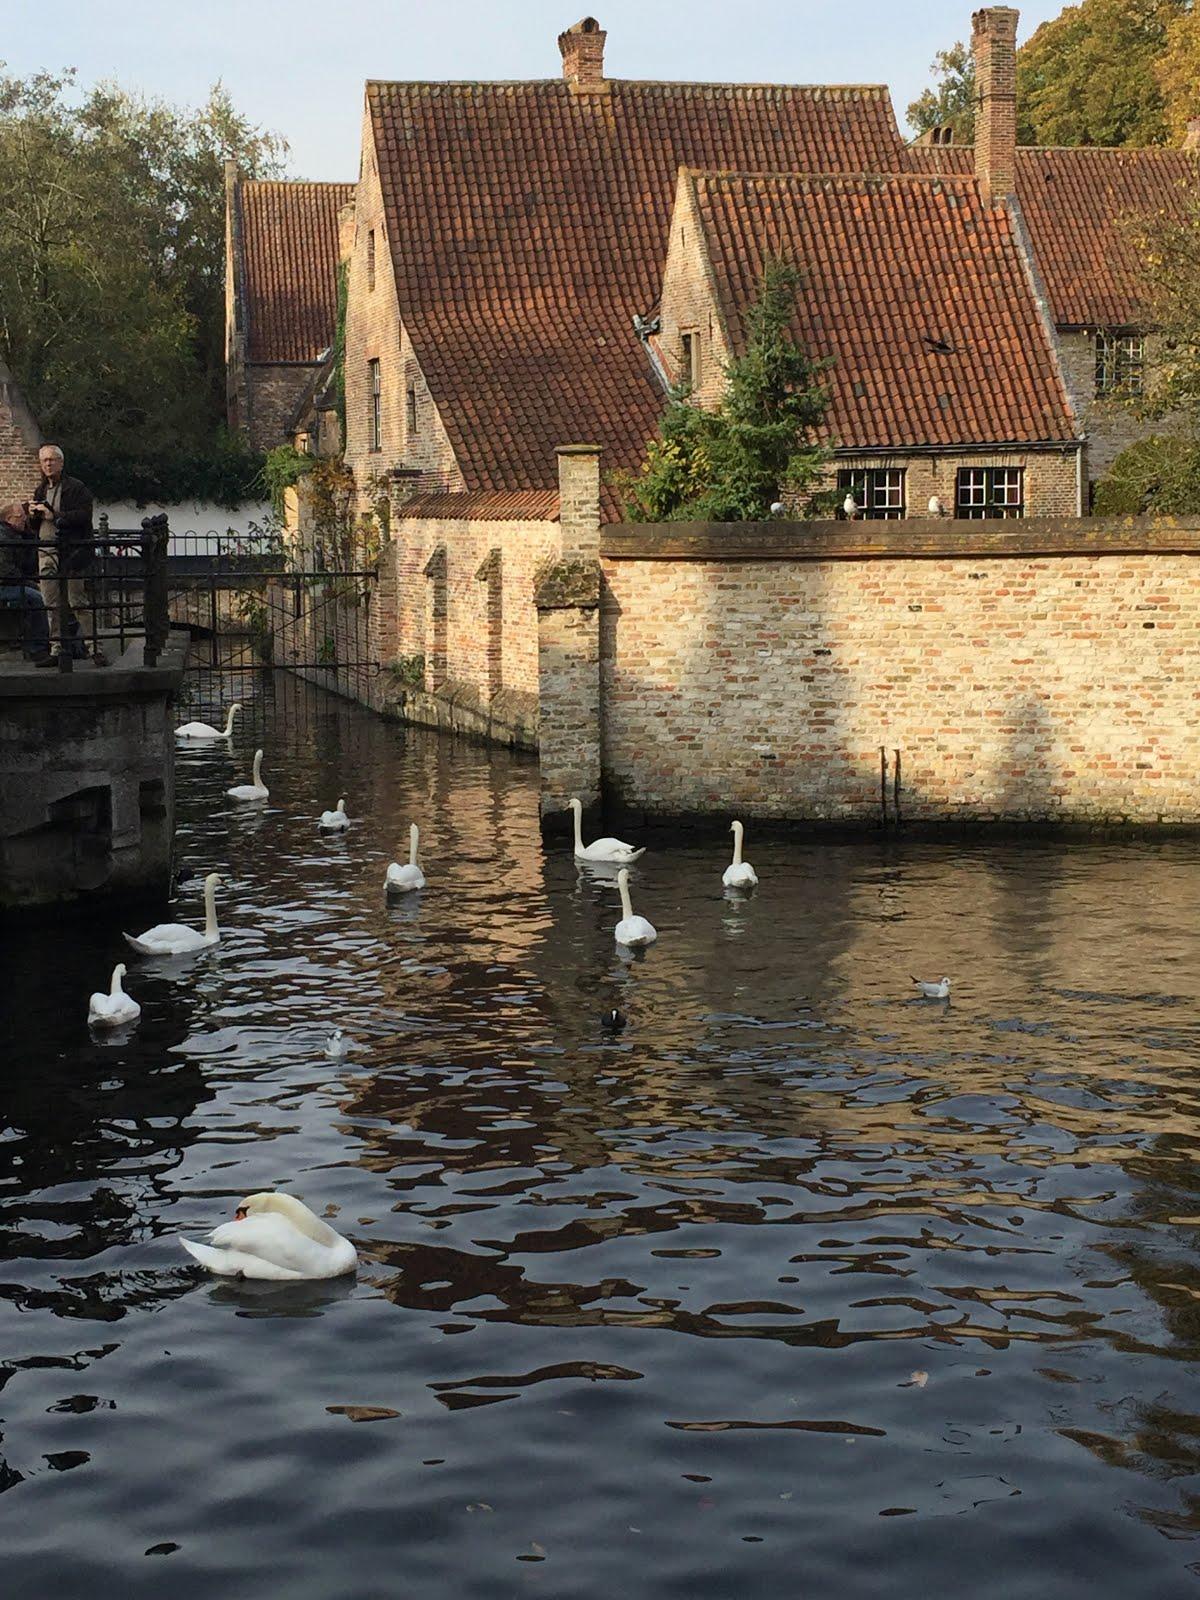 Canal at Begijnhuisje in Brugge, Belgium